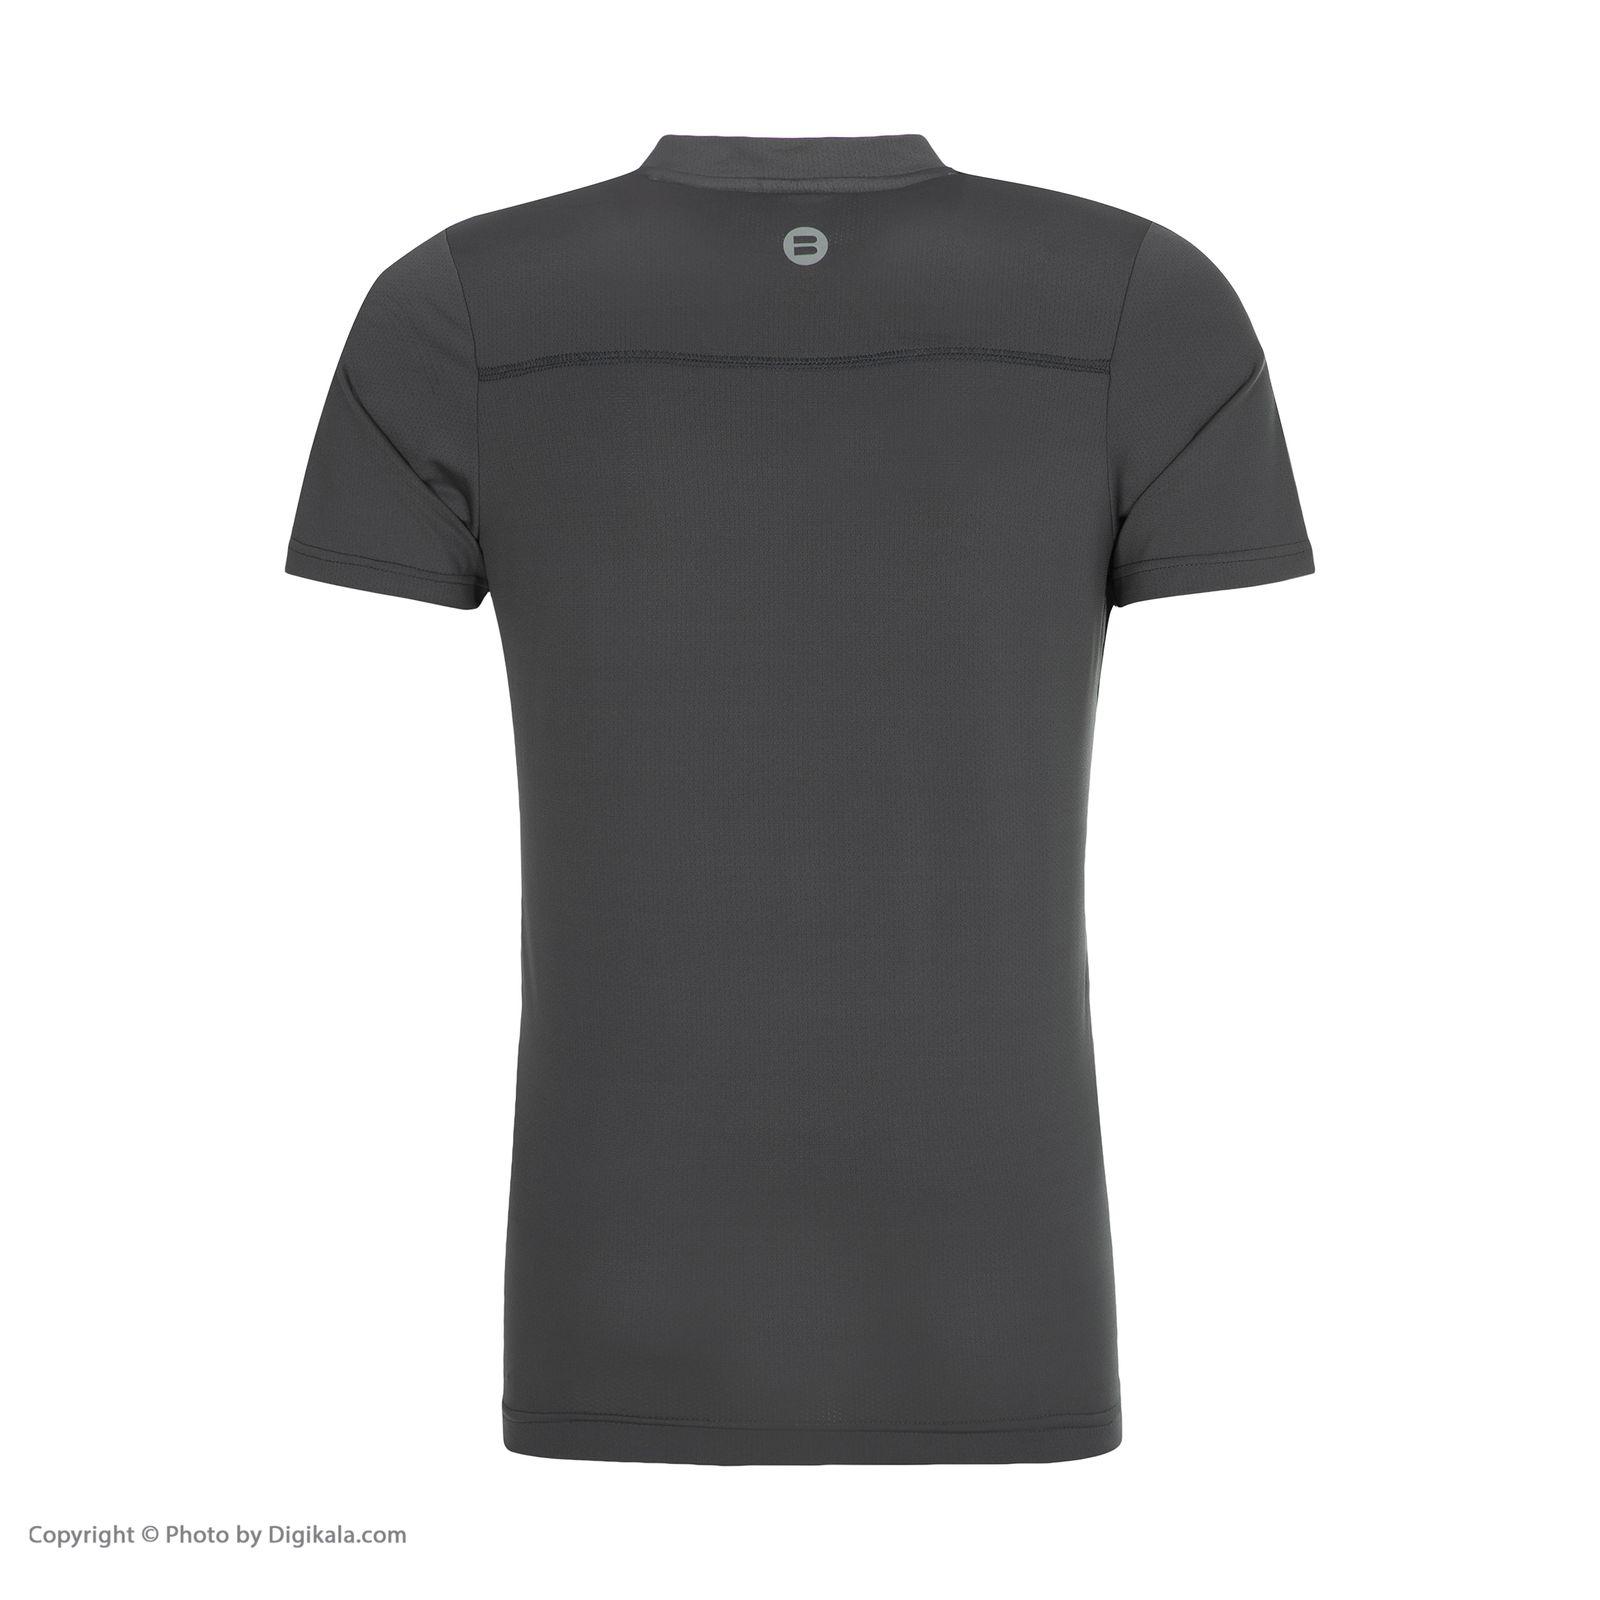 تی شرت ورزشی مردانه بی فور ران مدل 990311-94 -  - 3